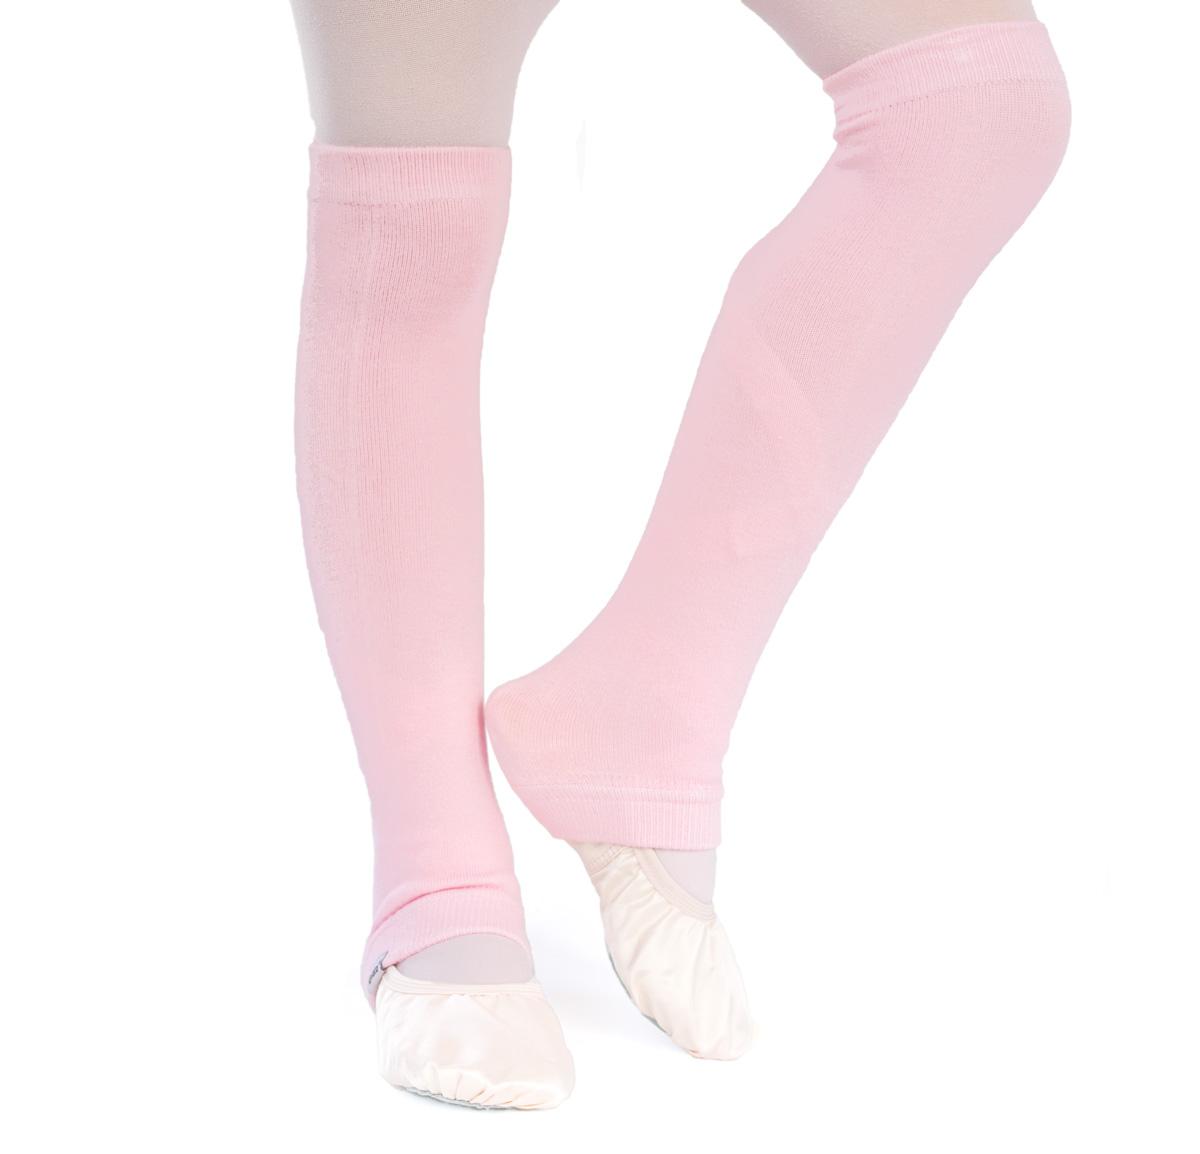 kinder-stulpen-rosa-Ballett-maedchen